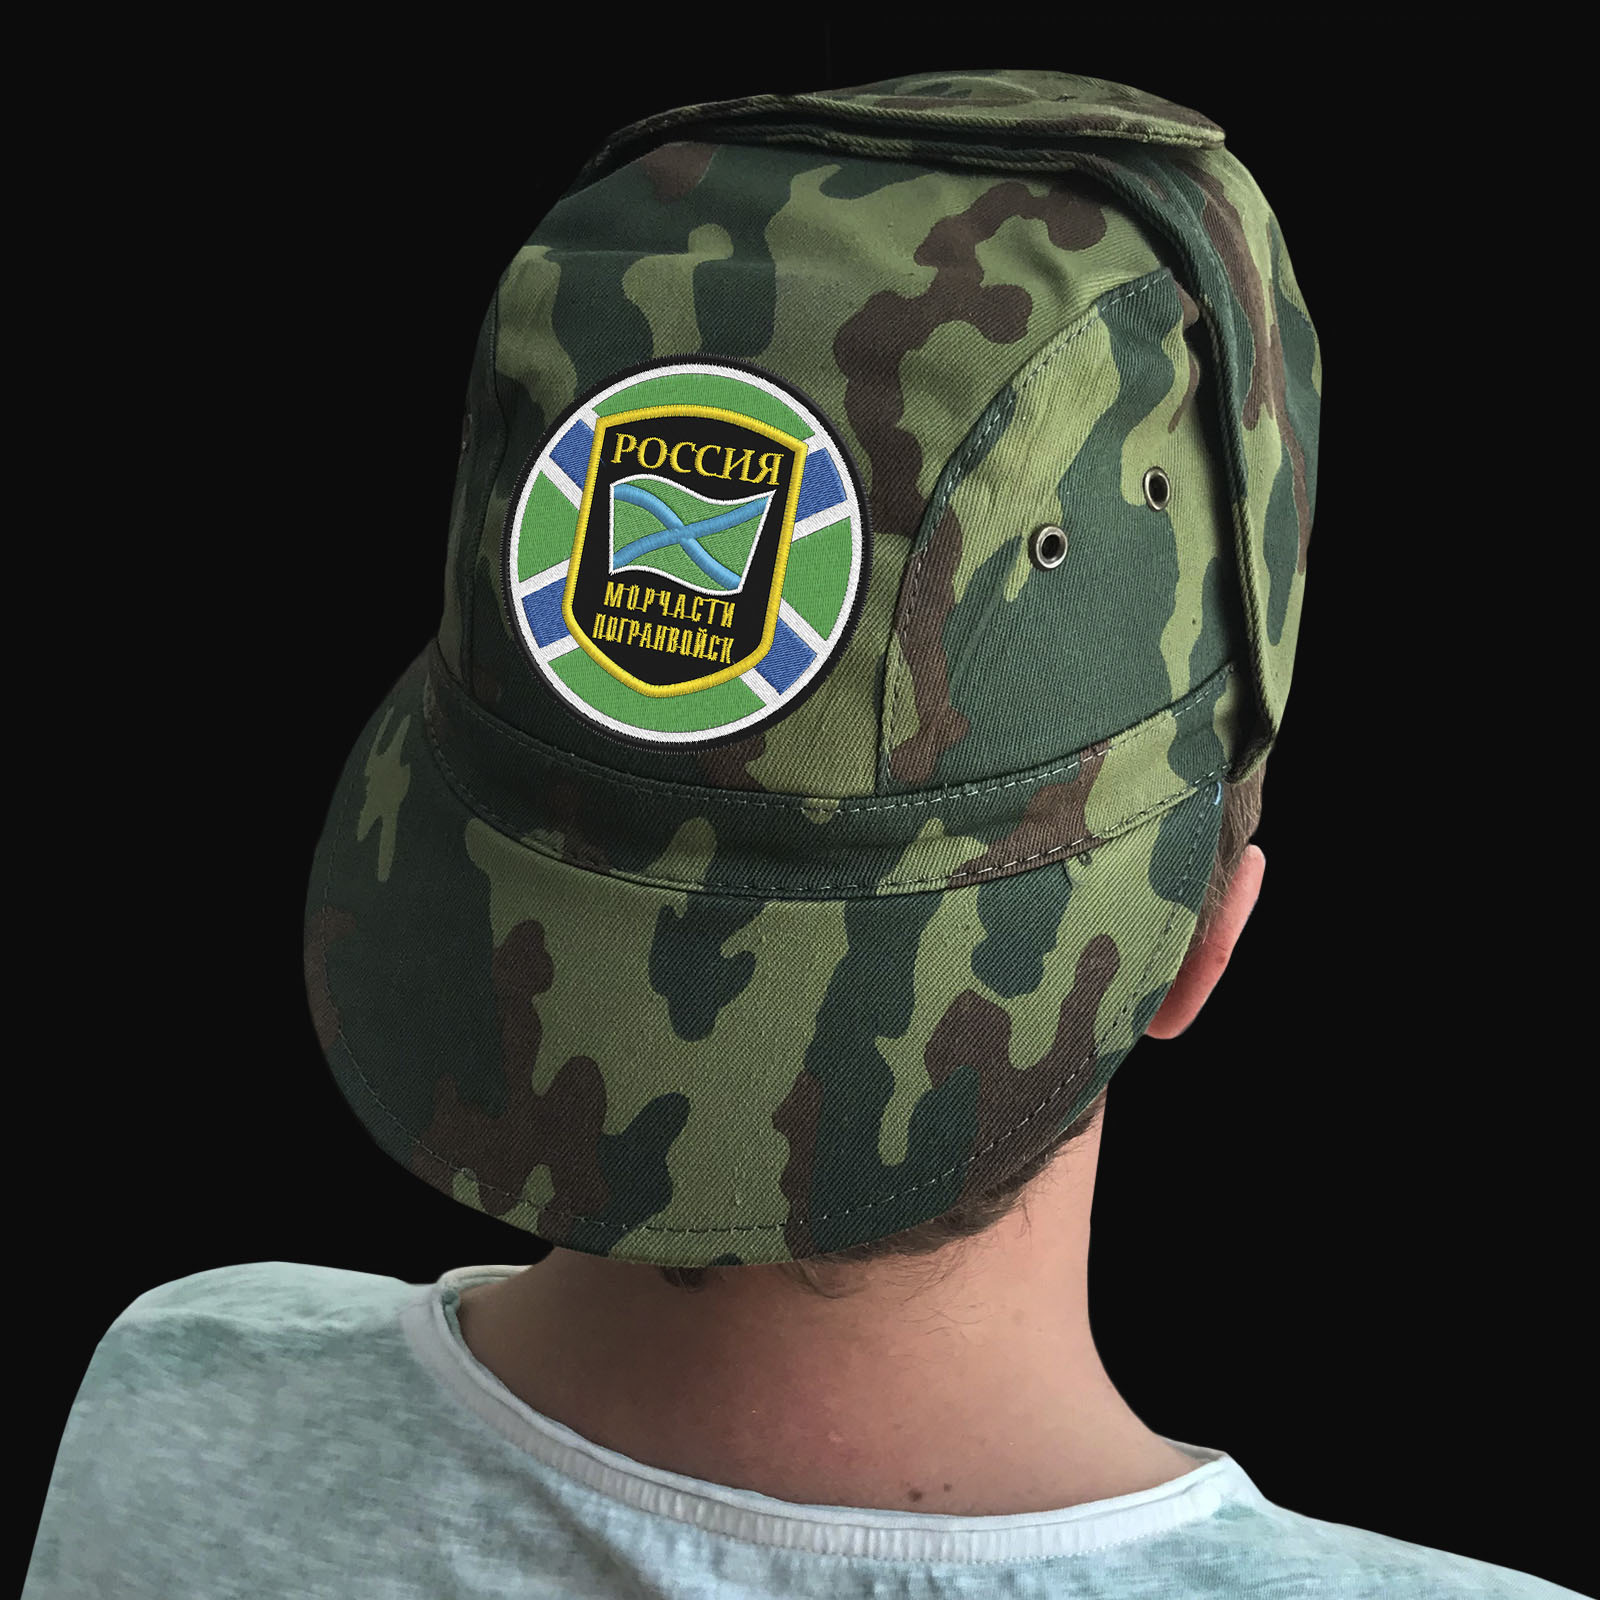 Кепки и другая мужская одежда с символикой Морчастей Пограничных войск